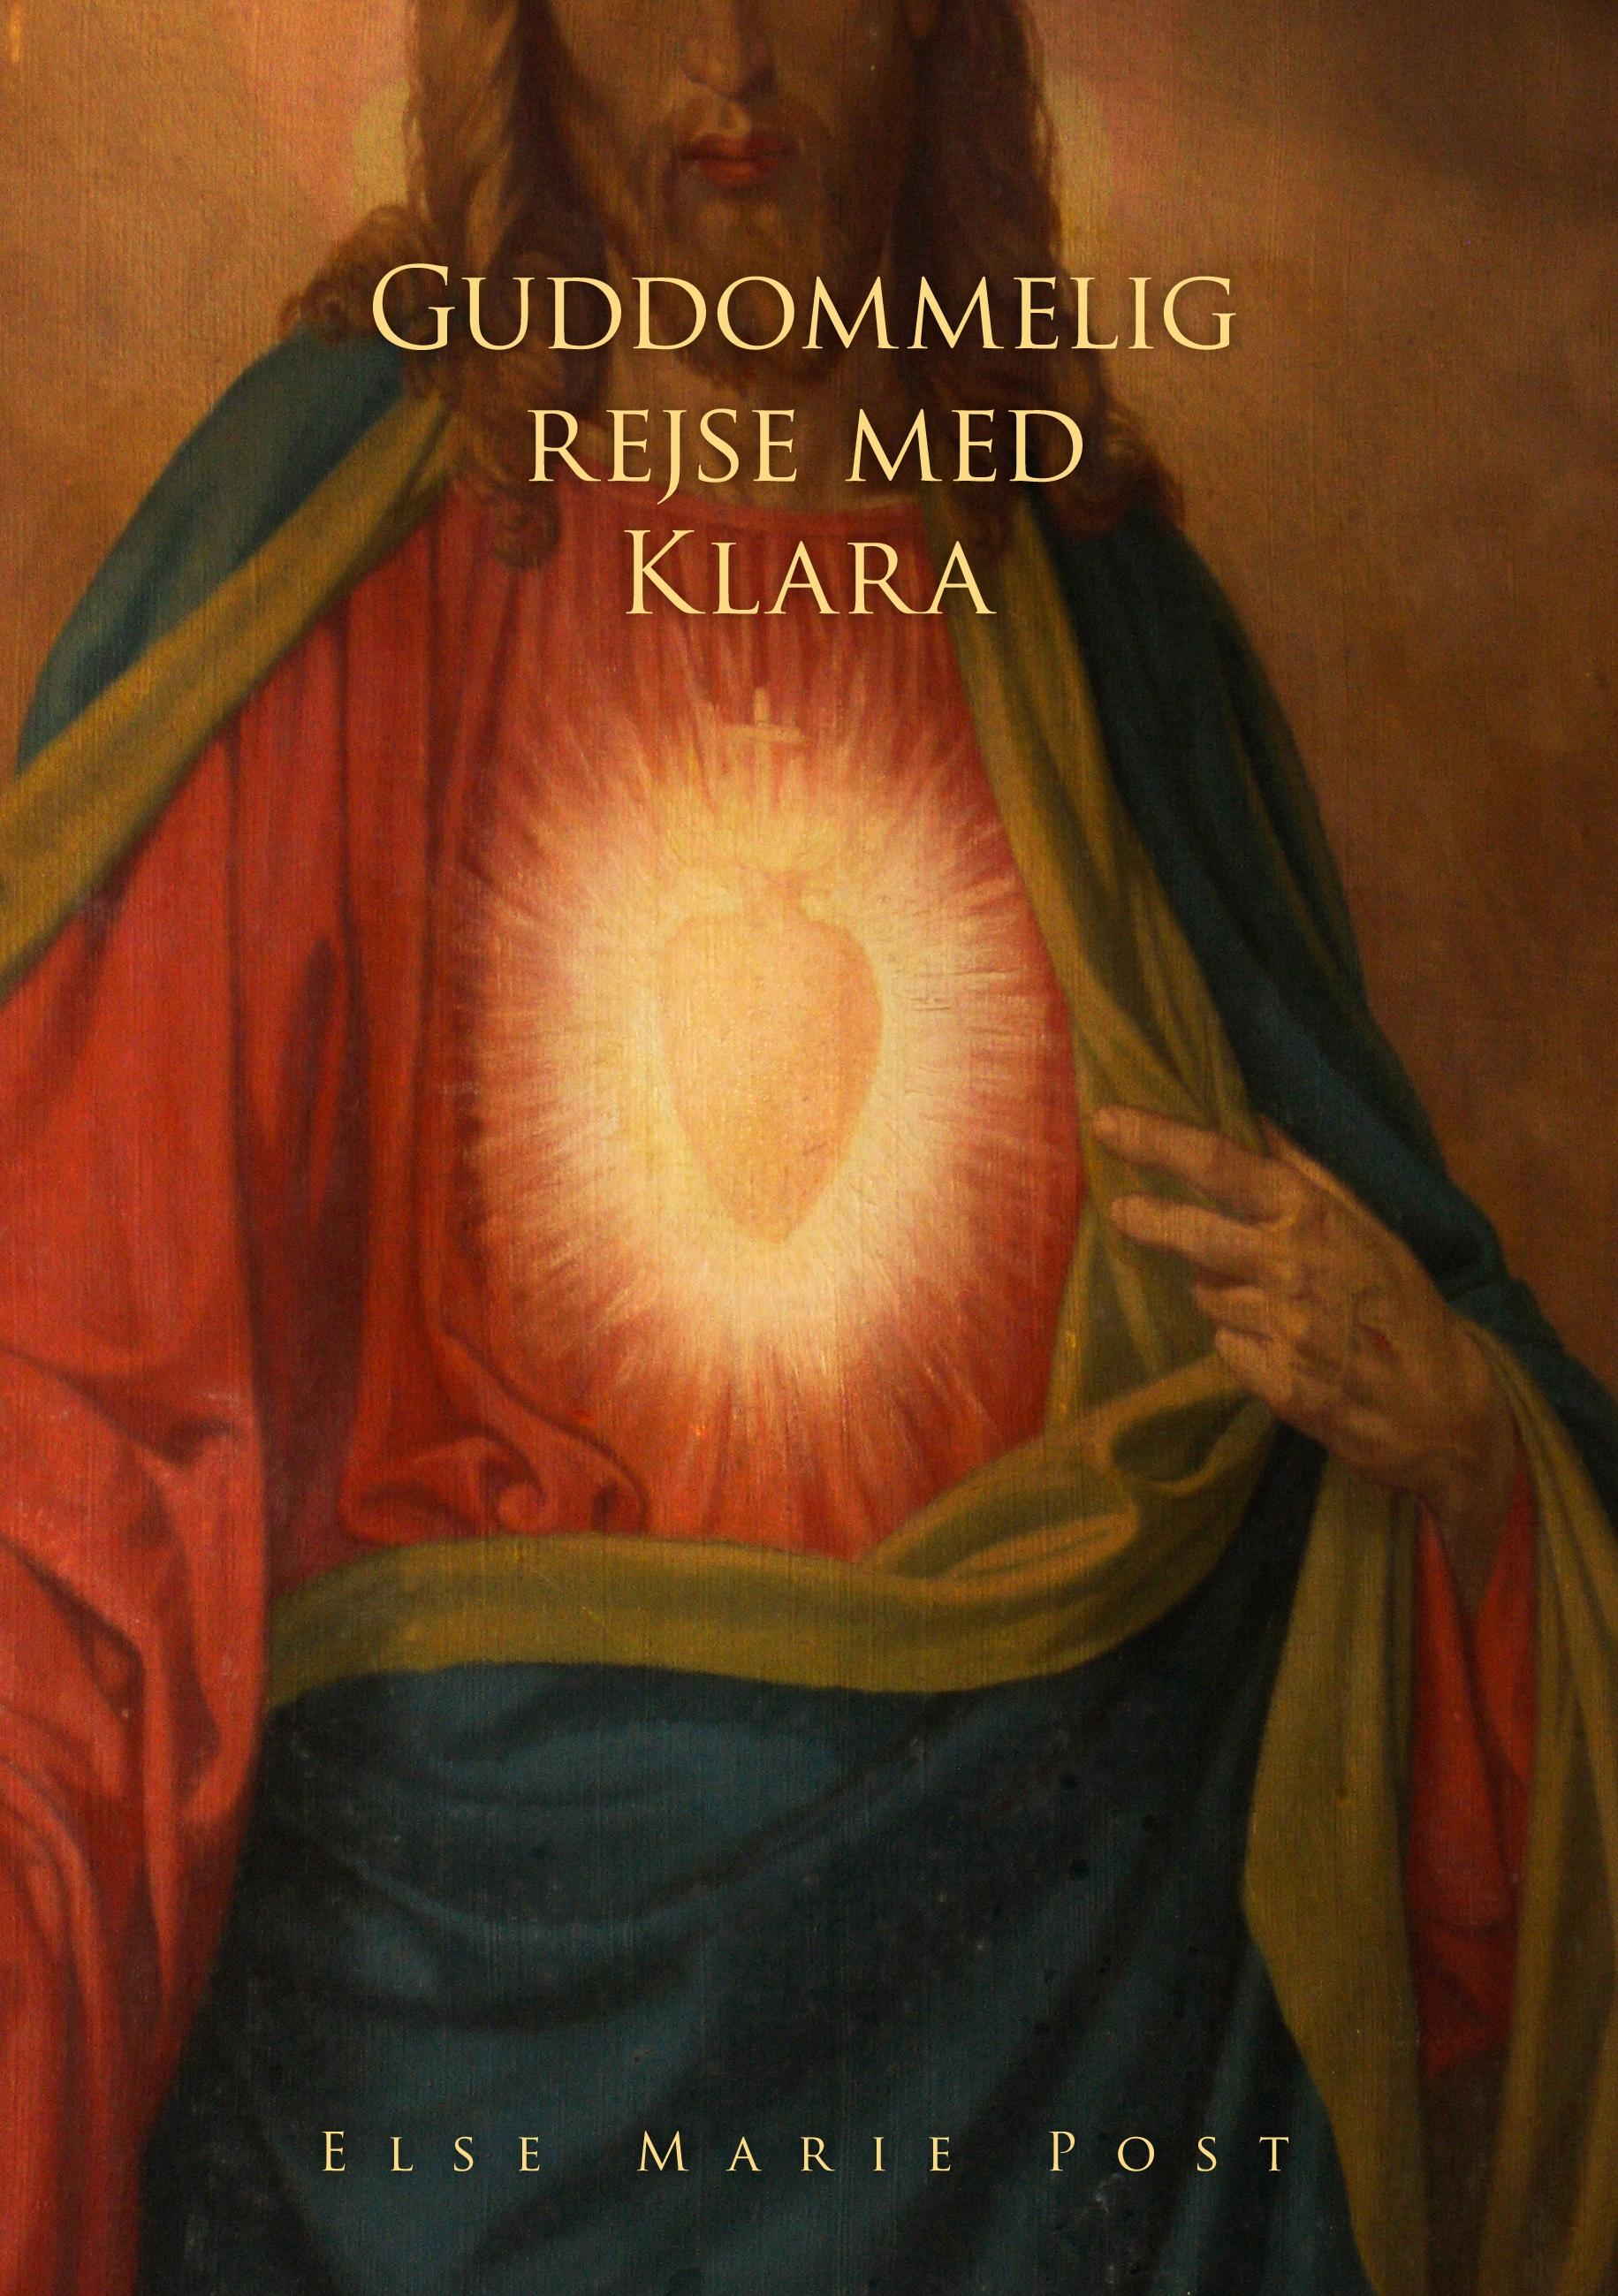 N/A Guddommelig rejse med klara - e-bog på bog & mystik